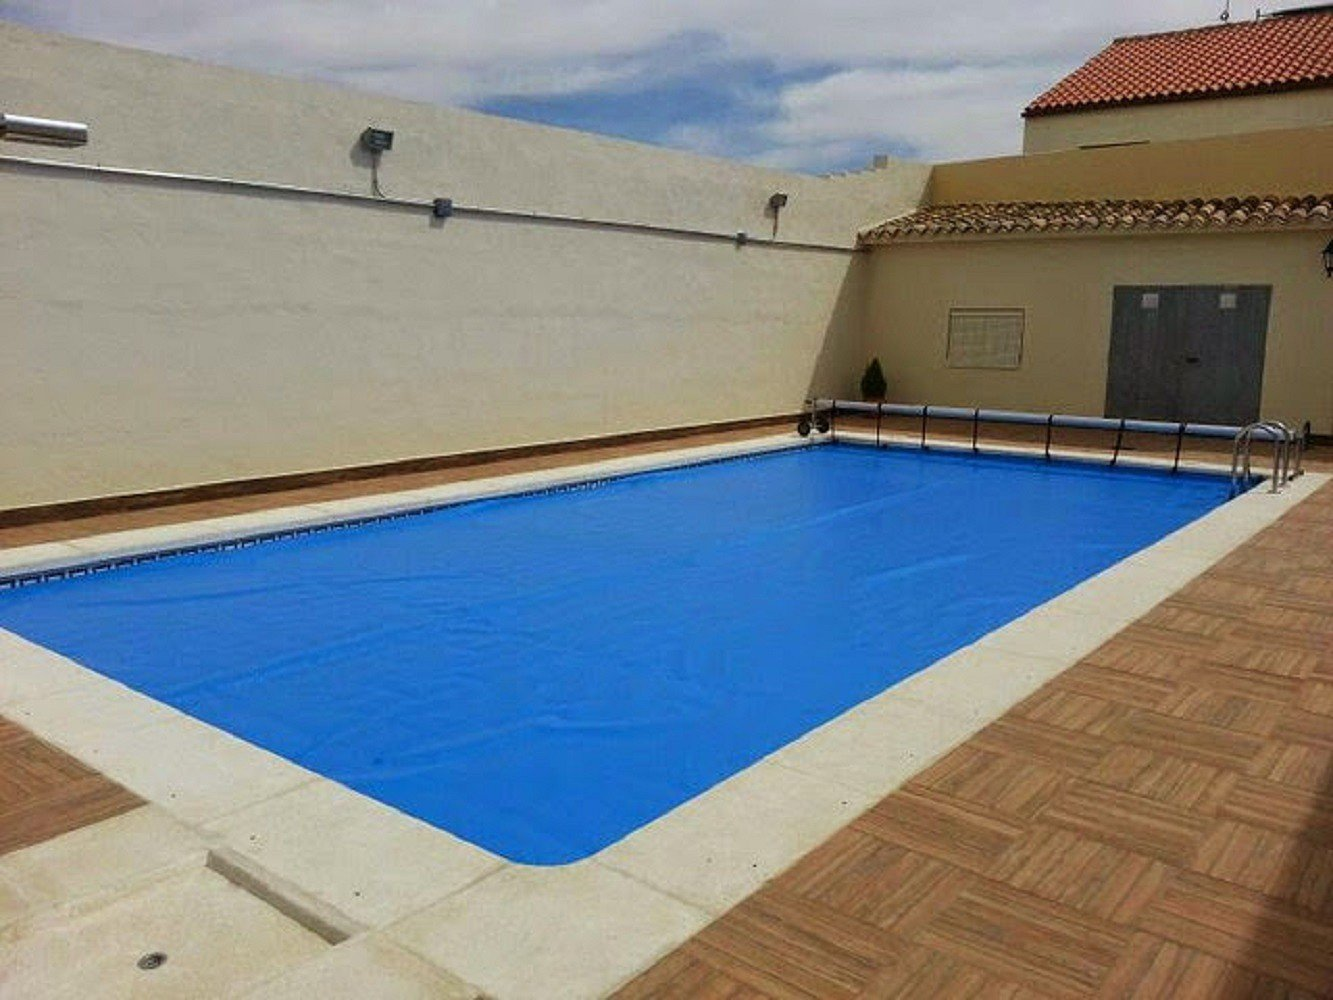 International Cover Pool Cubierta de Verano de Burbujas 600 micras para Piscinas de 2x2 Metros (Sin Refuerzo).: Amazon.es: Jardín